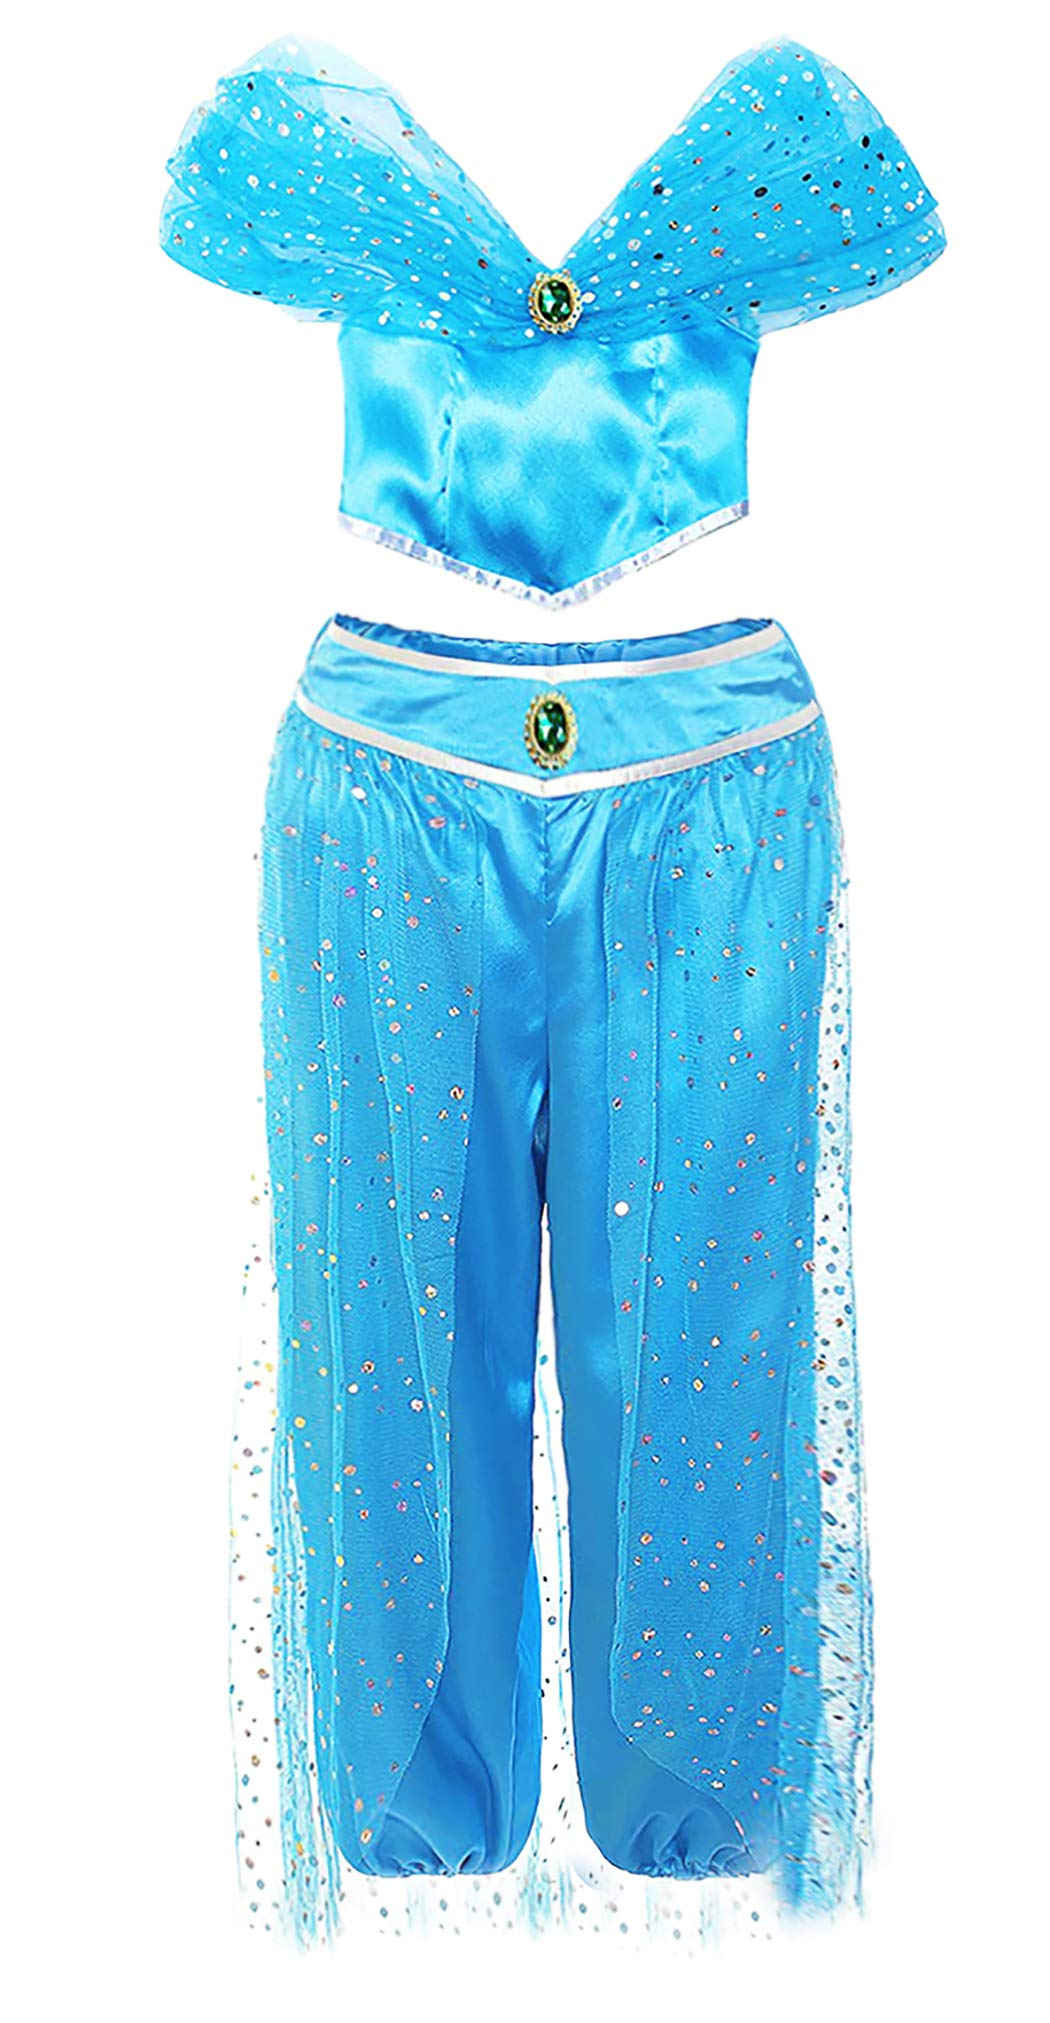 AmzBarley Niña Aladdin Princesa Jasmine Disfraz jazmín Tops ...